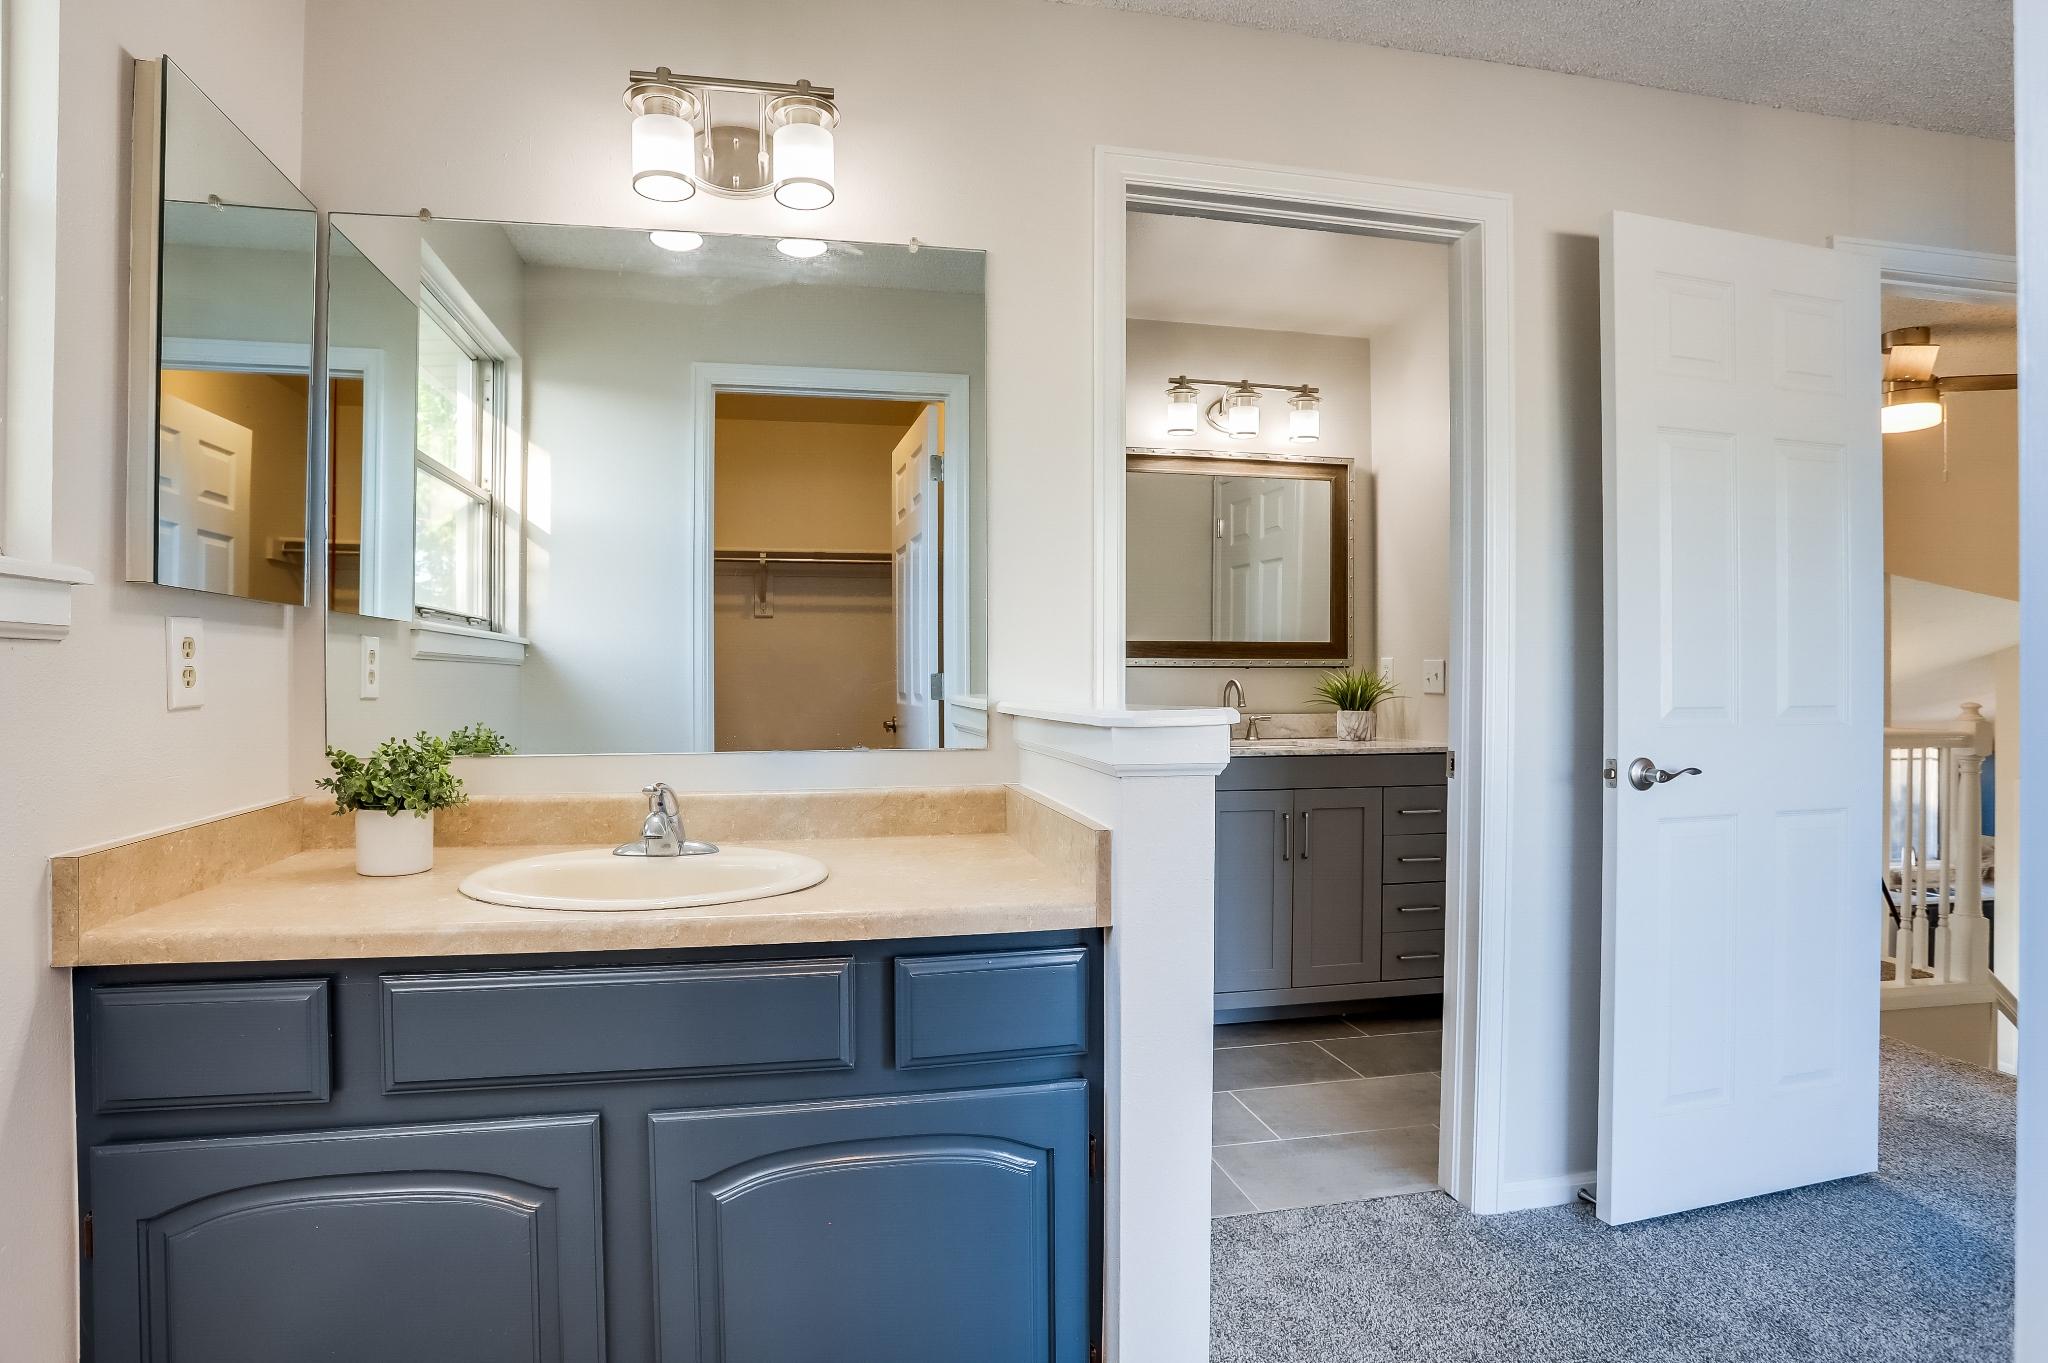 REAL ESTATE LISTING: 4421 Eugene Way Denver Master Bedroom Vanity